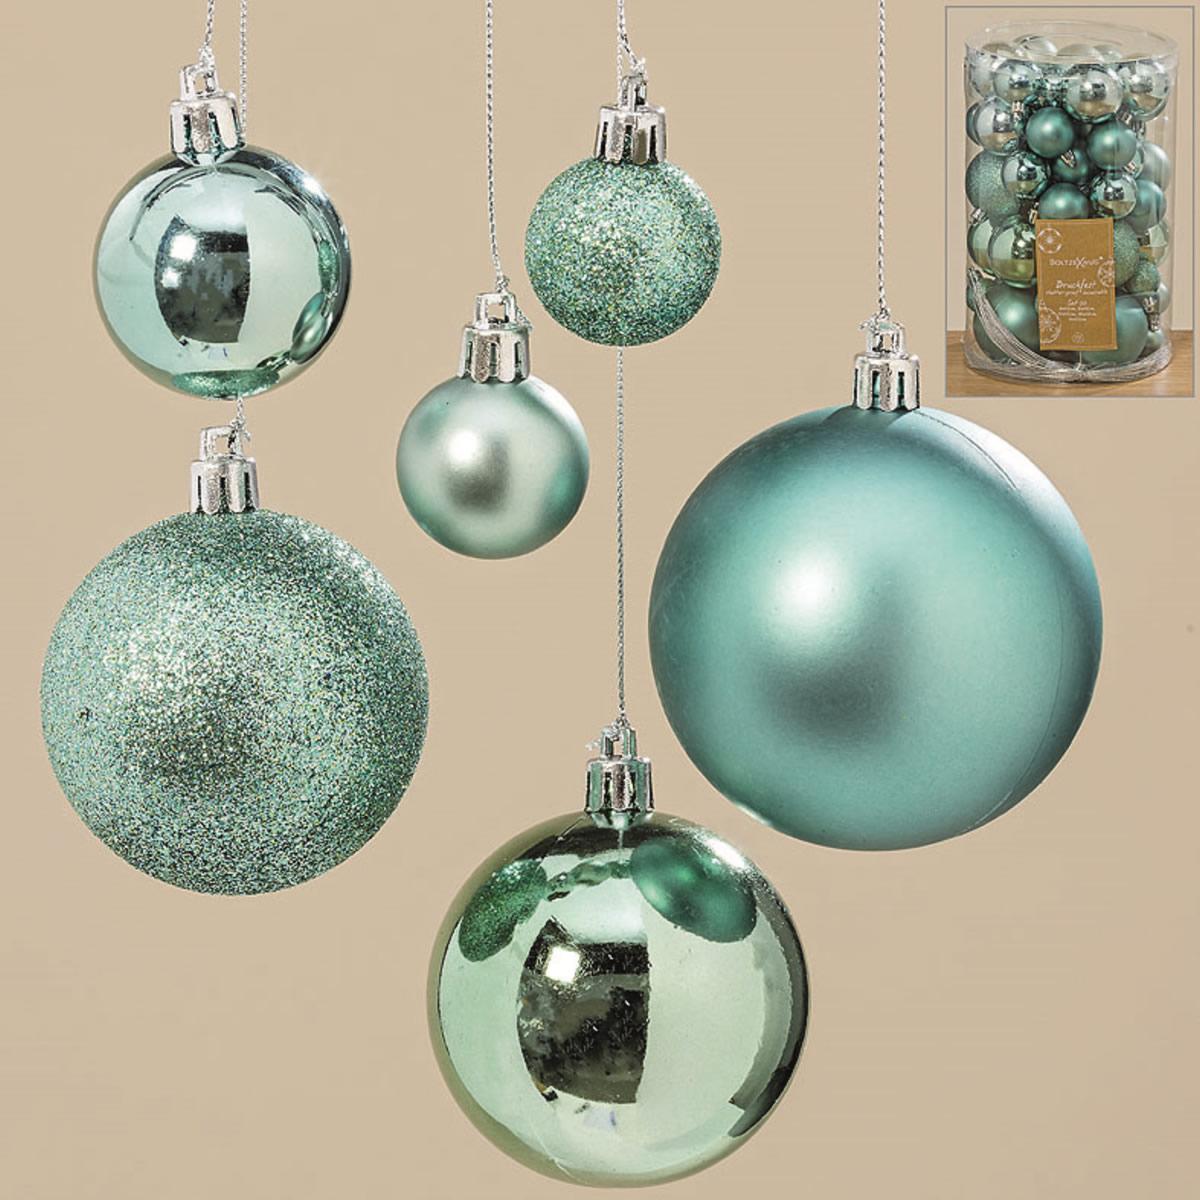 Christbaumkugeln Außenbereich.50 Design Kunststoff Weihnachtskugeln 3 7cm Grün Bamkugel Dekokugel